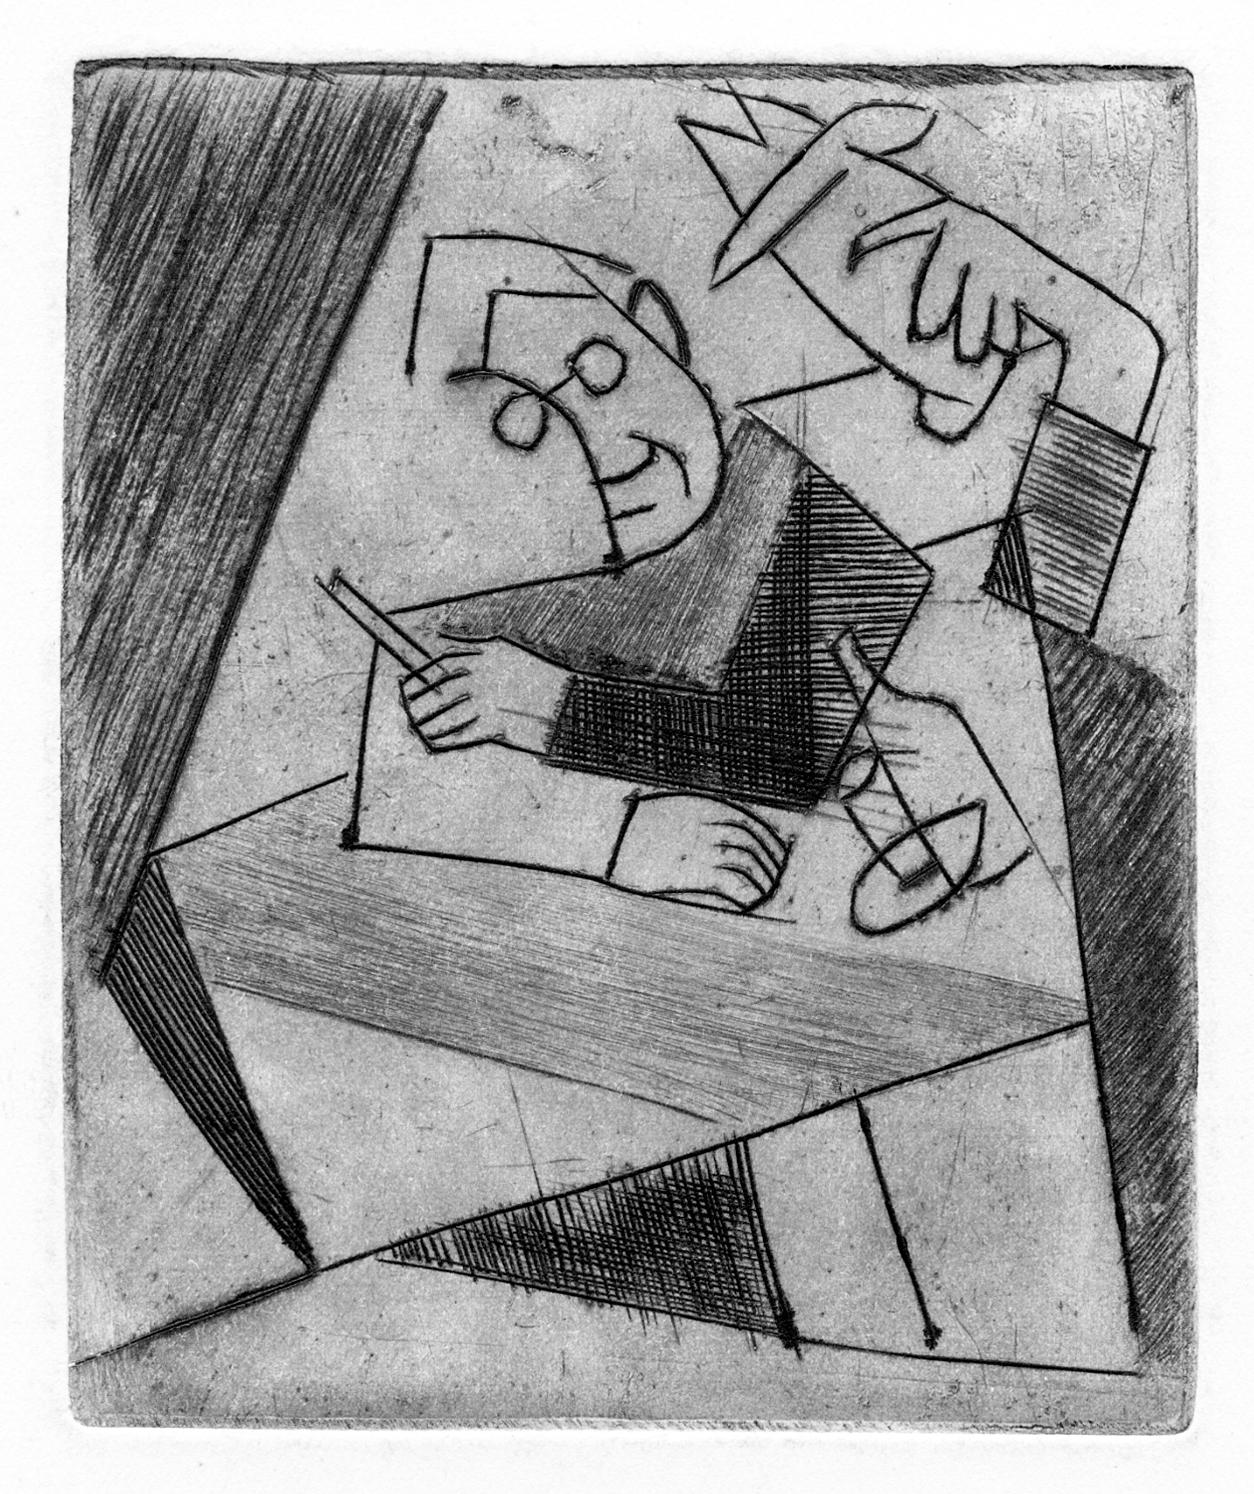 Леопольд Левицький. Інтелектуалісти (Автопортрет), 1930-і; офорт